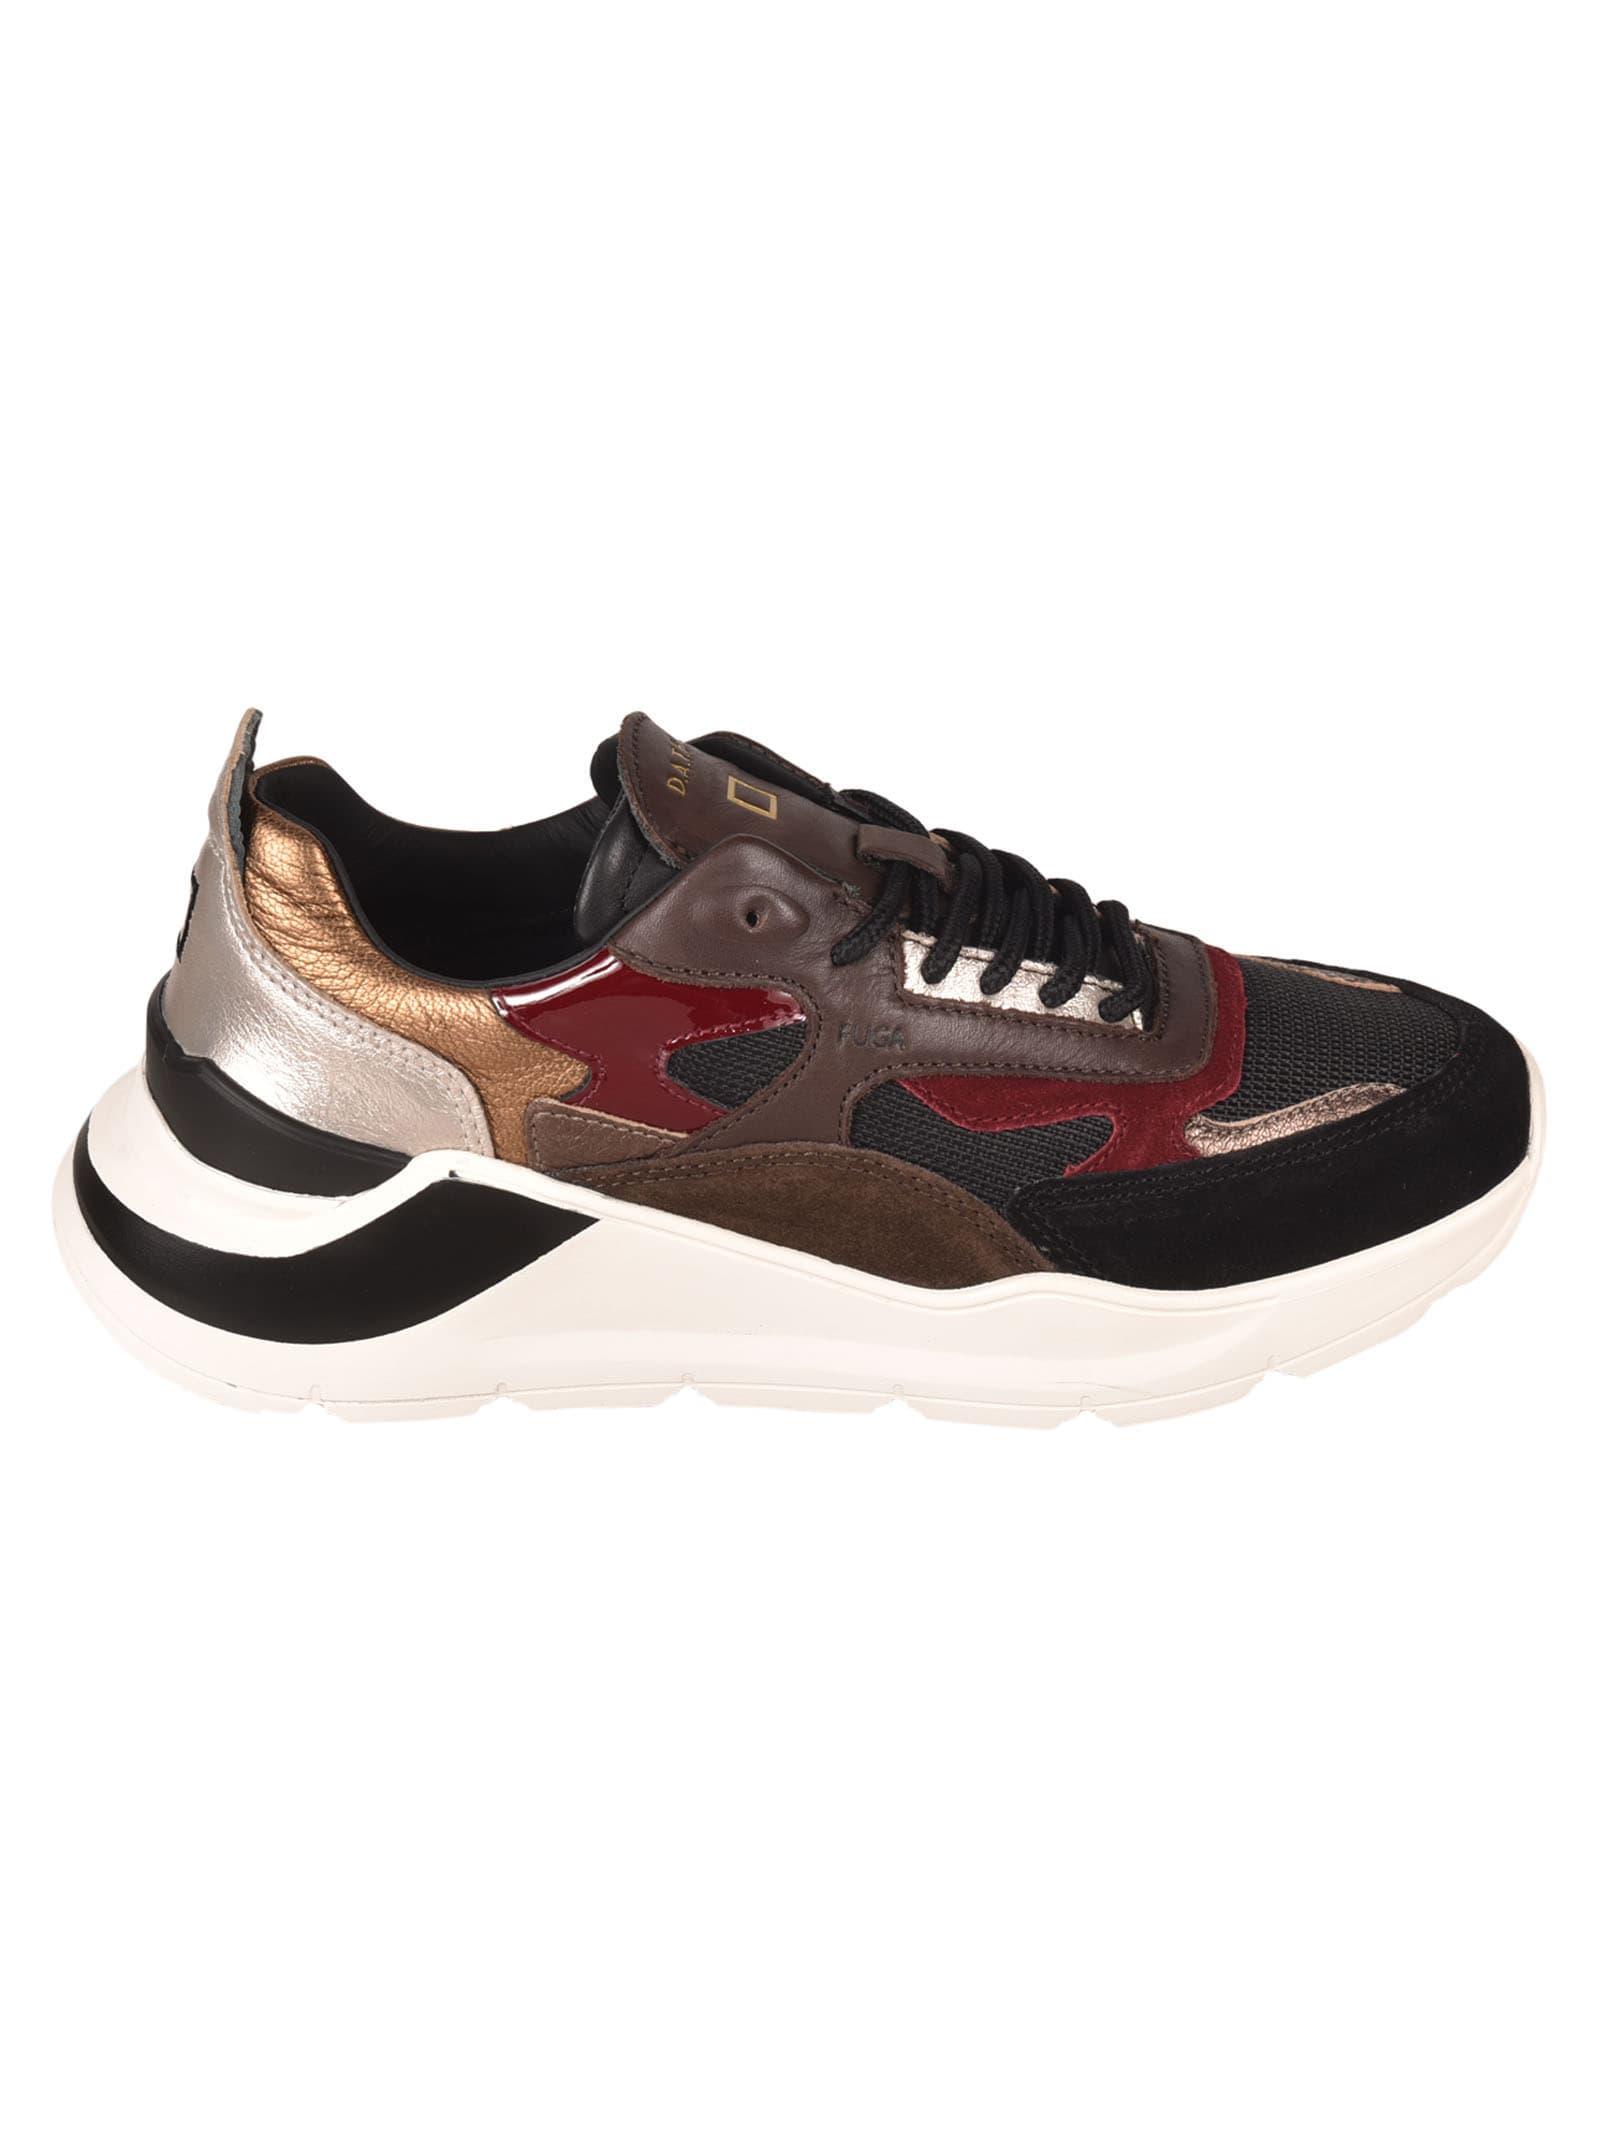 D.a.t.e. Fuga Dragon Sneakers In Black